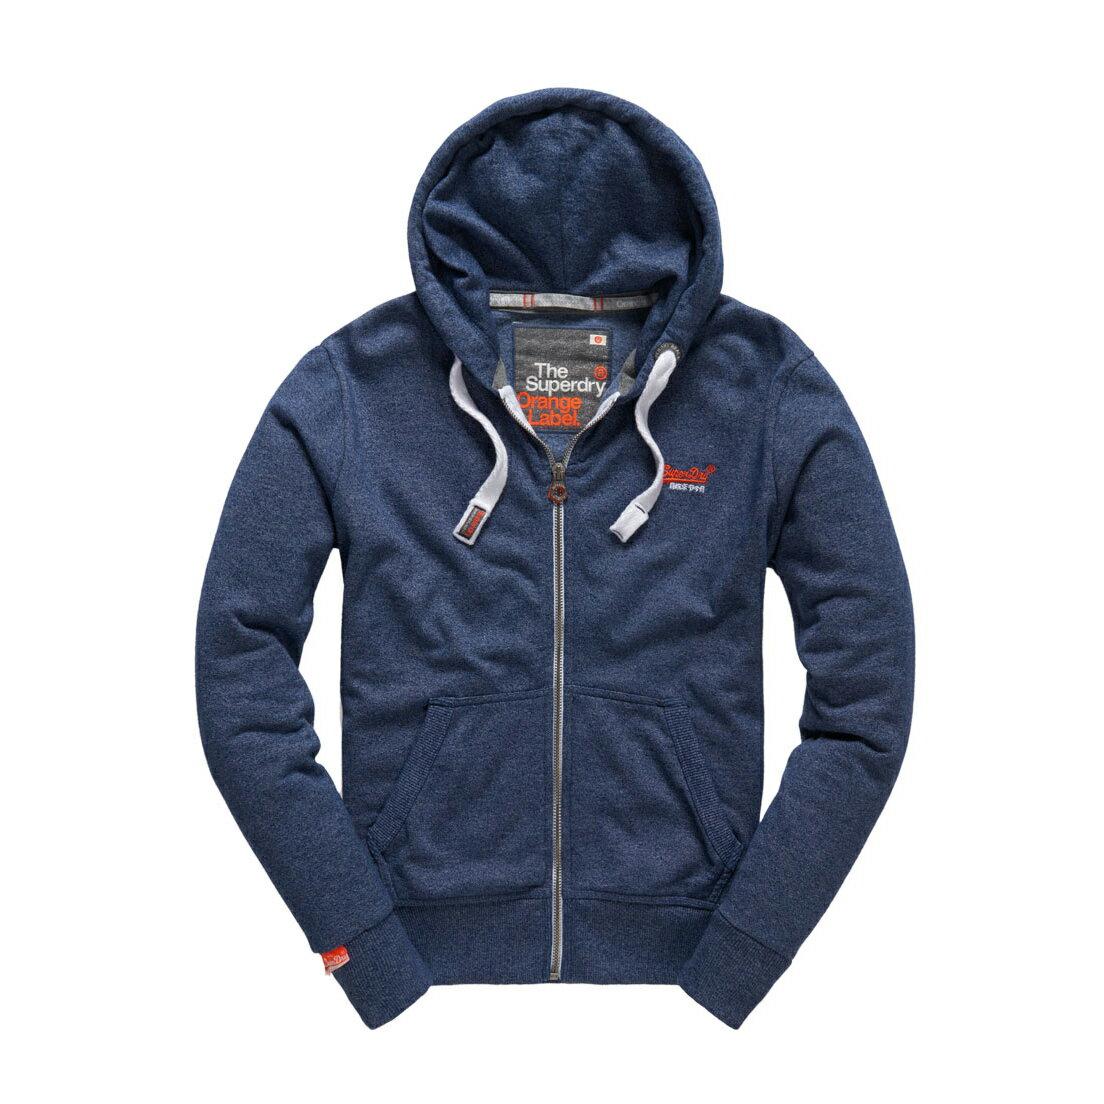 美國百分百【全新真品】Superdry 極度乾燥 連帽 外套 夾克 帽T 刷毛 拉鍊 經典款 藏藍色 S M L號 F842